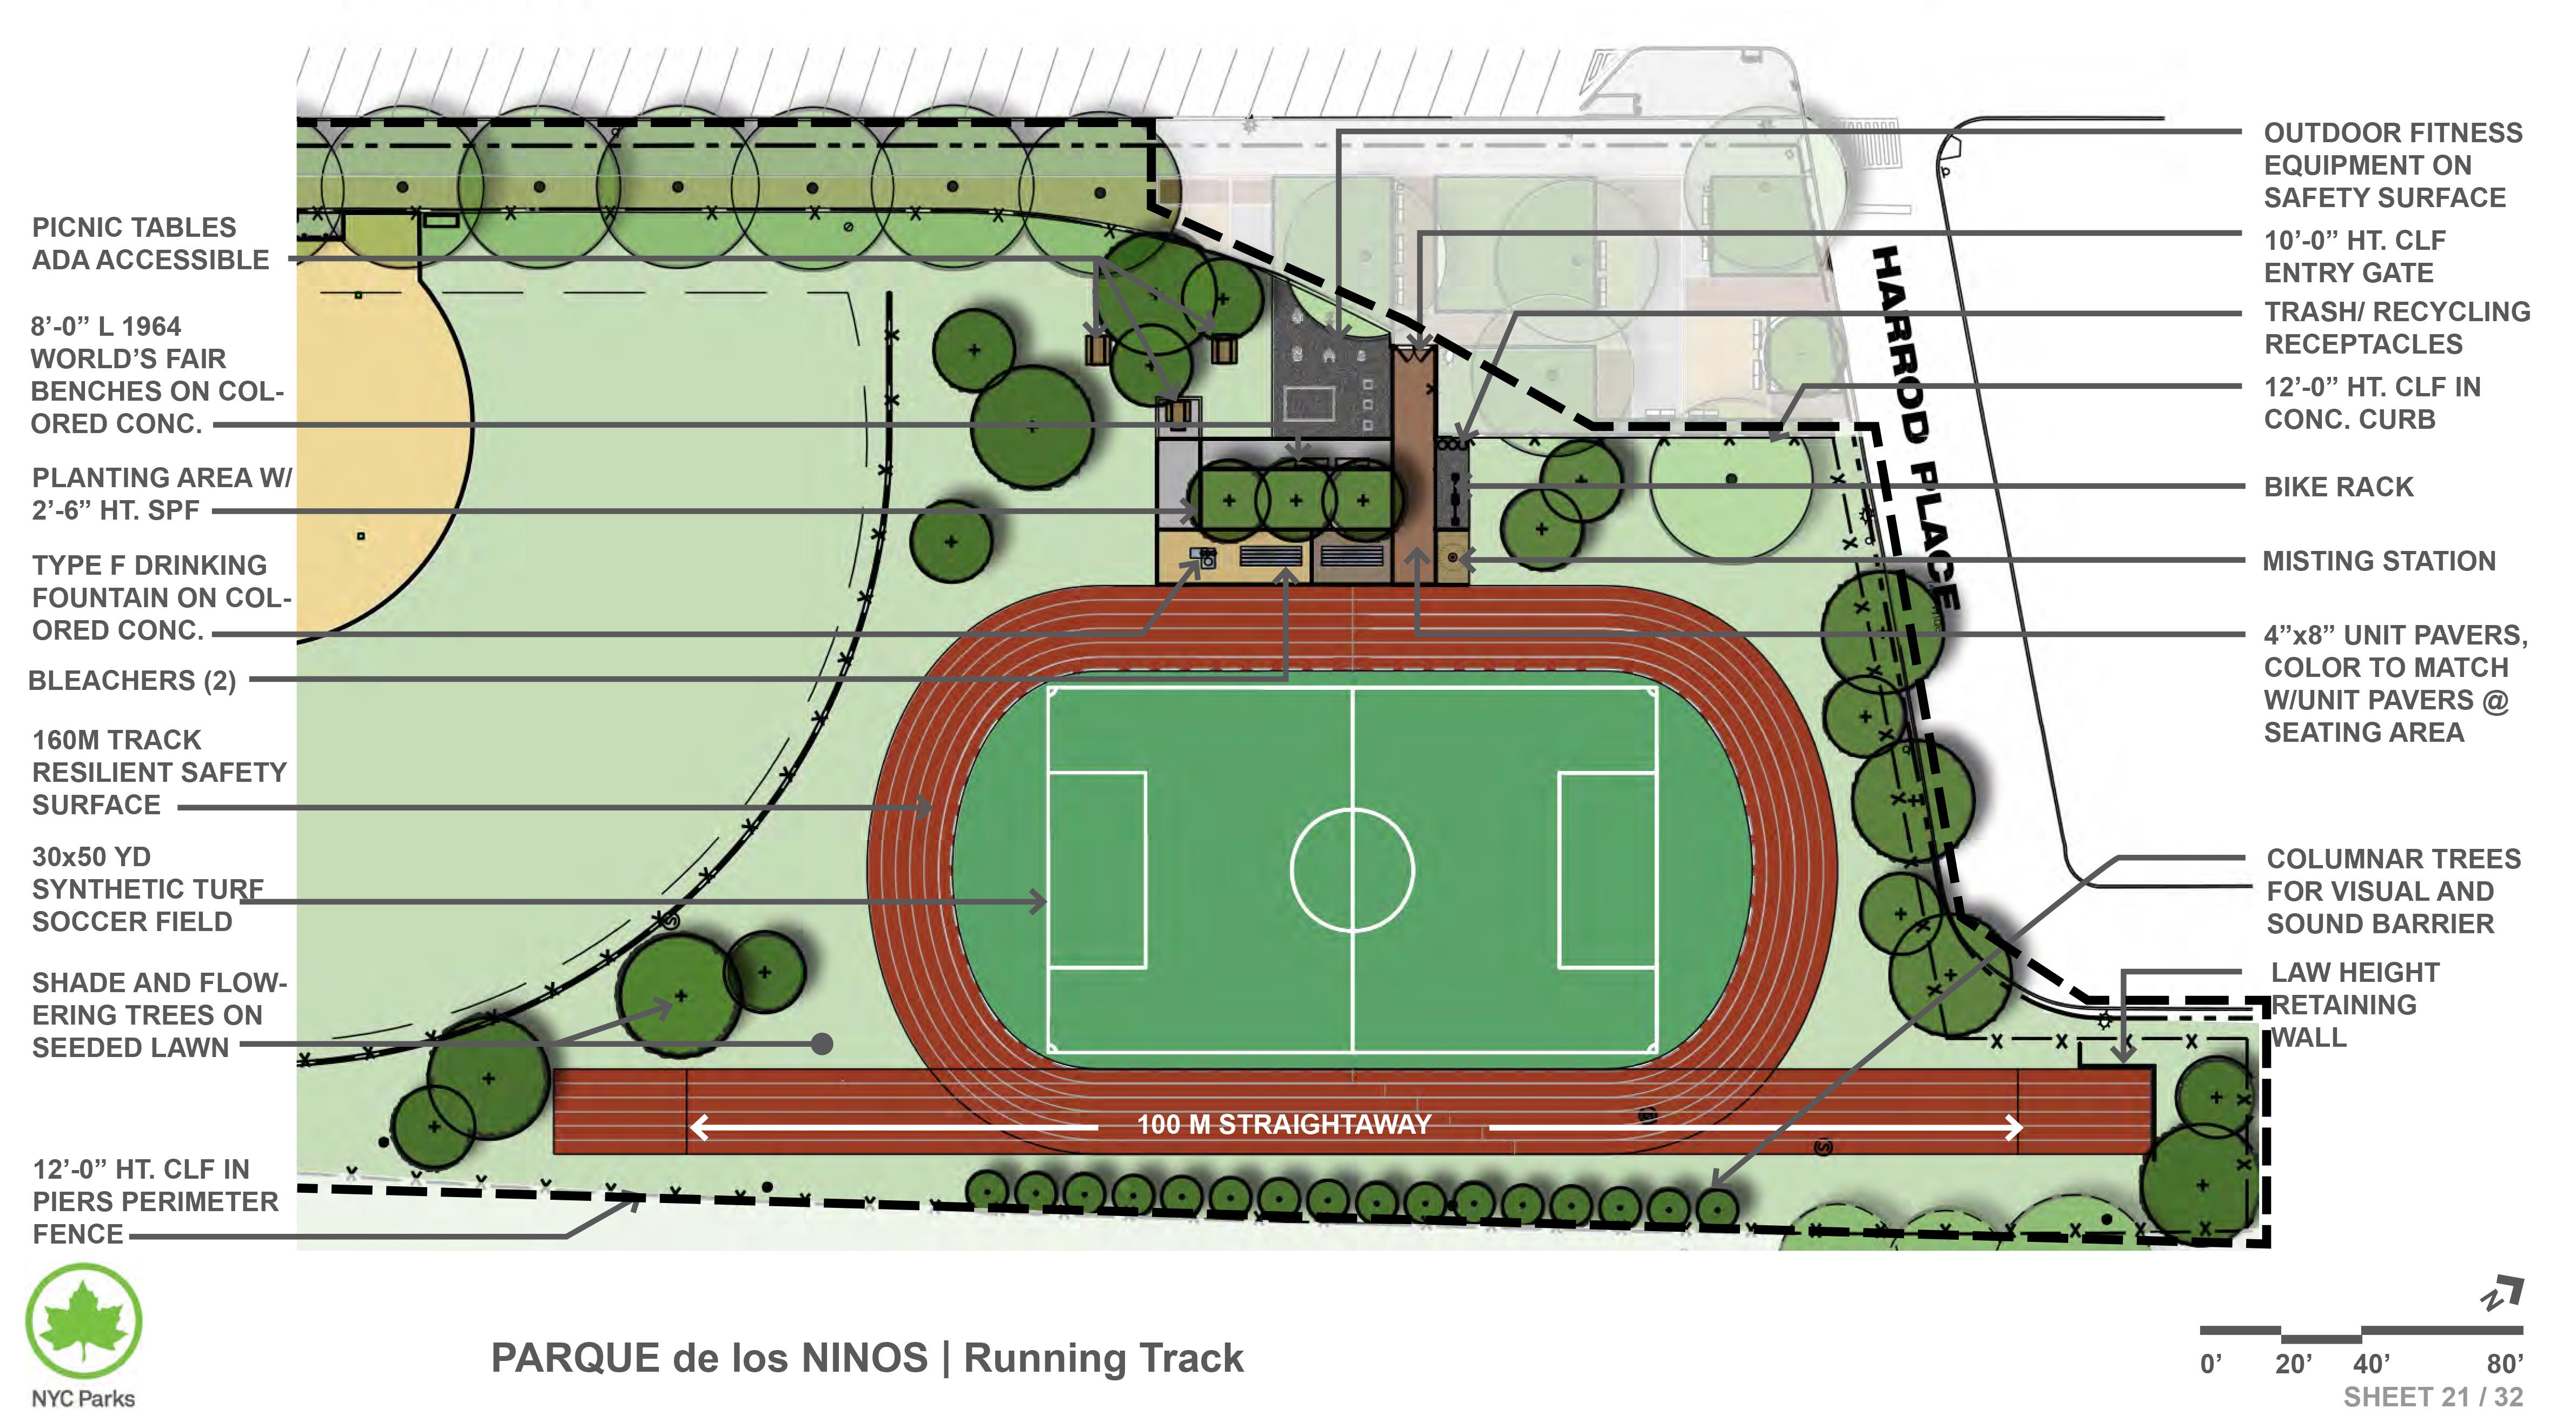 Parque De Los Ninos Softball Field And Running Track